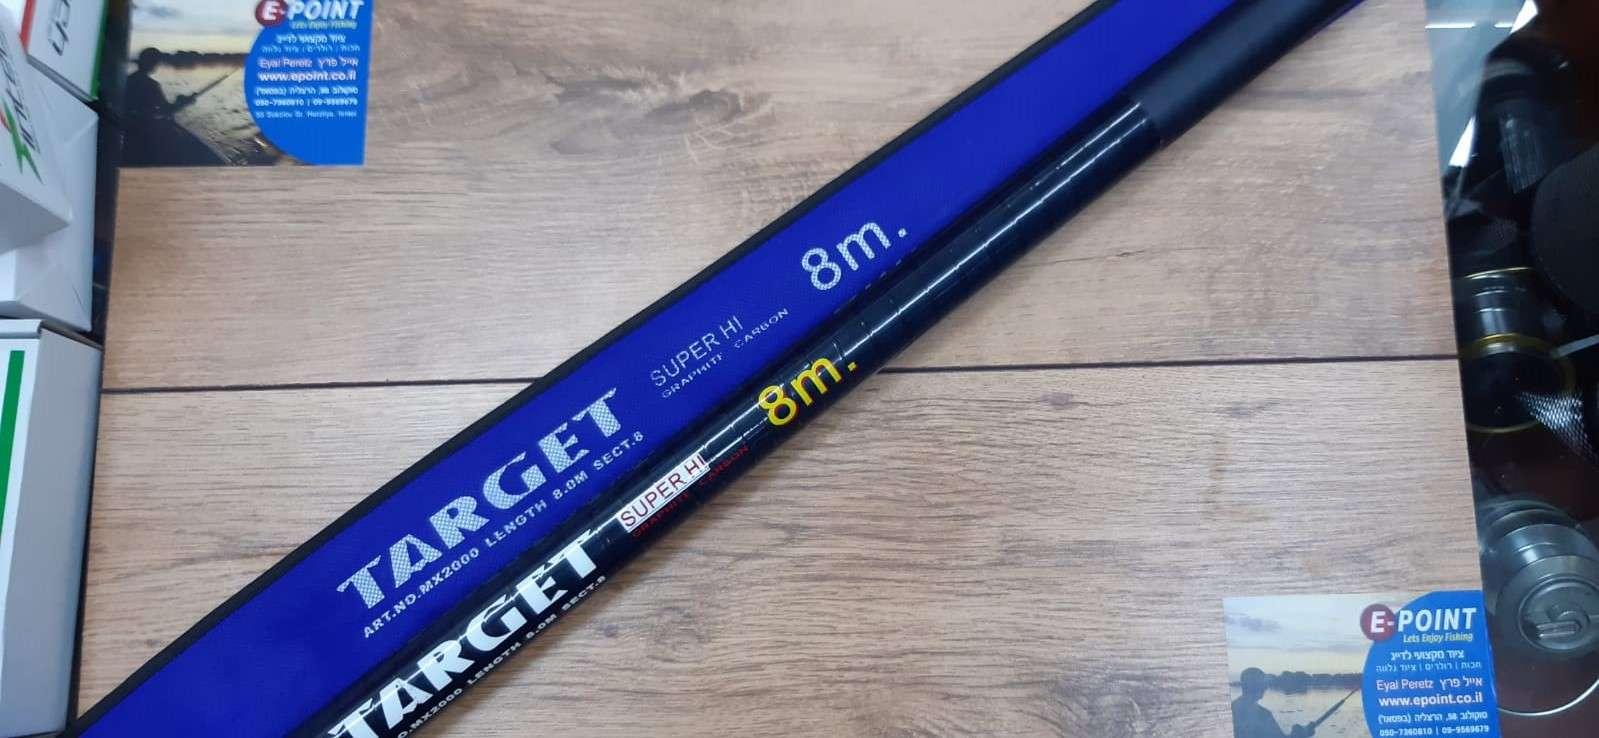 חכת בוס TARGET מטר 8 למשקלים כבדים